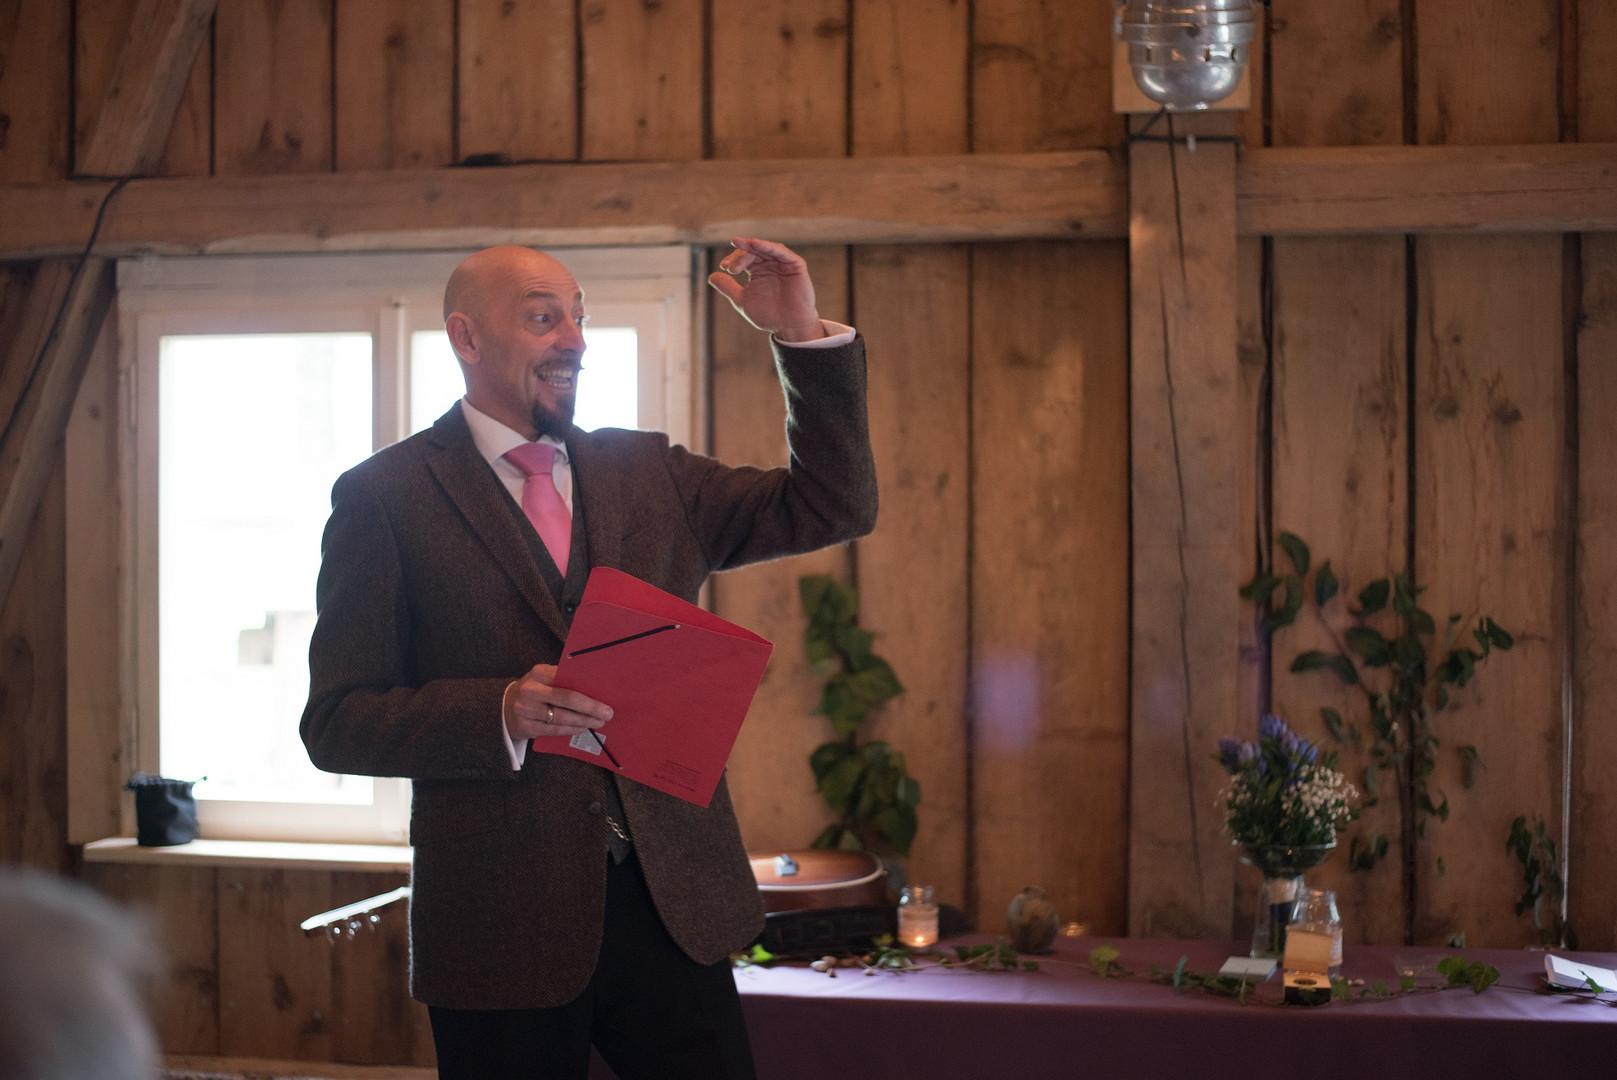 Trauredner-Freie-Hochzeit